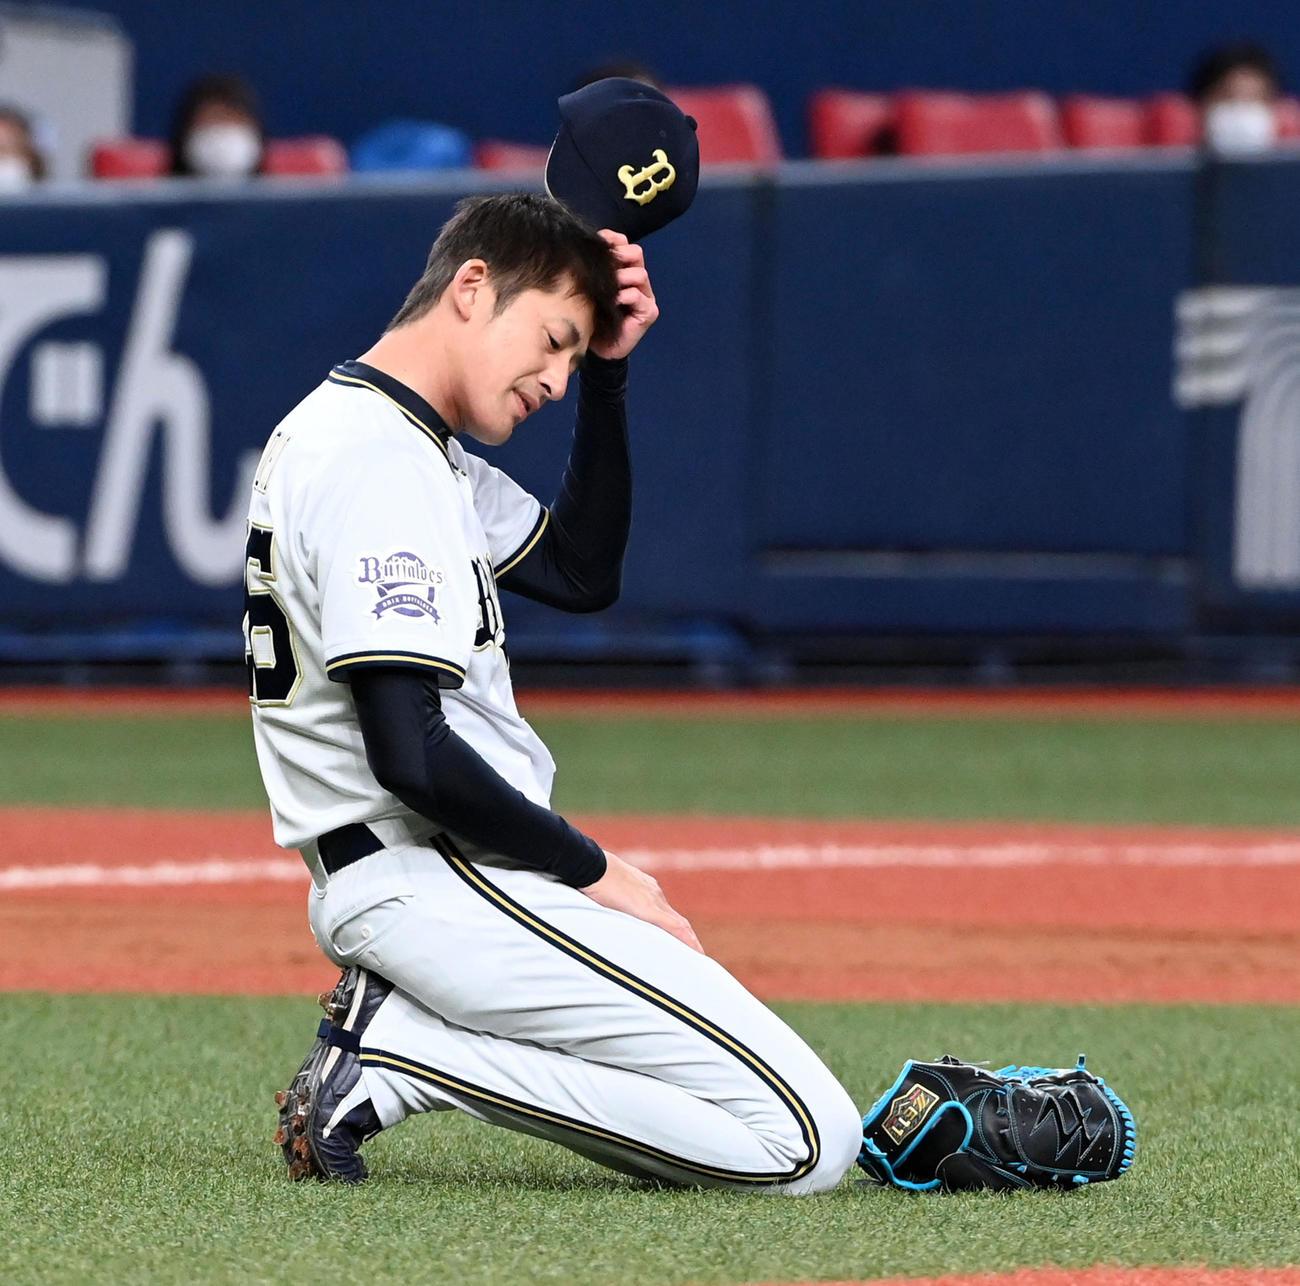 オリックス対西武 8回表西武無死、源田の打球を捕球できず投手内野安打となり頭をかく能見(撮影・前岡正明)